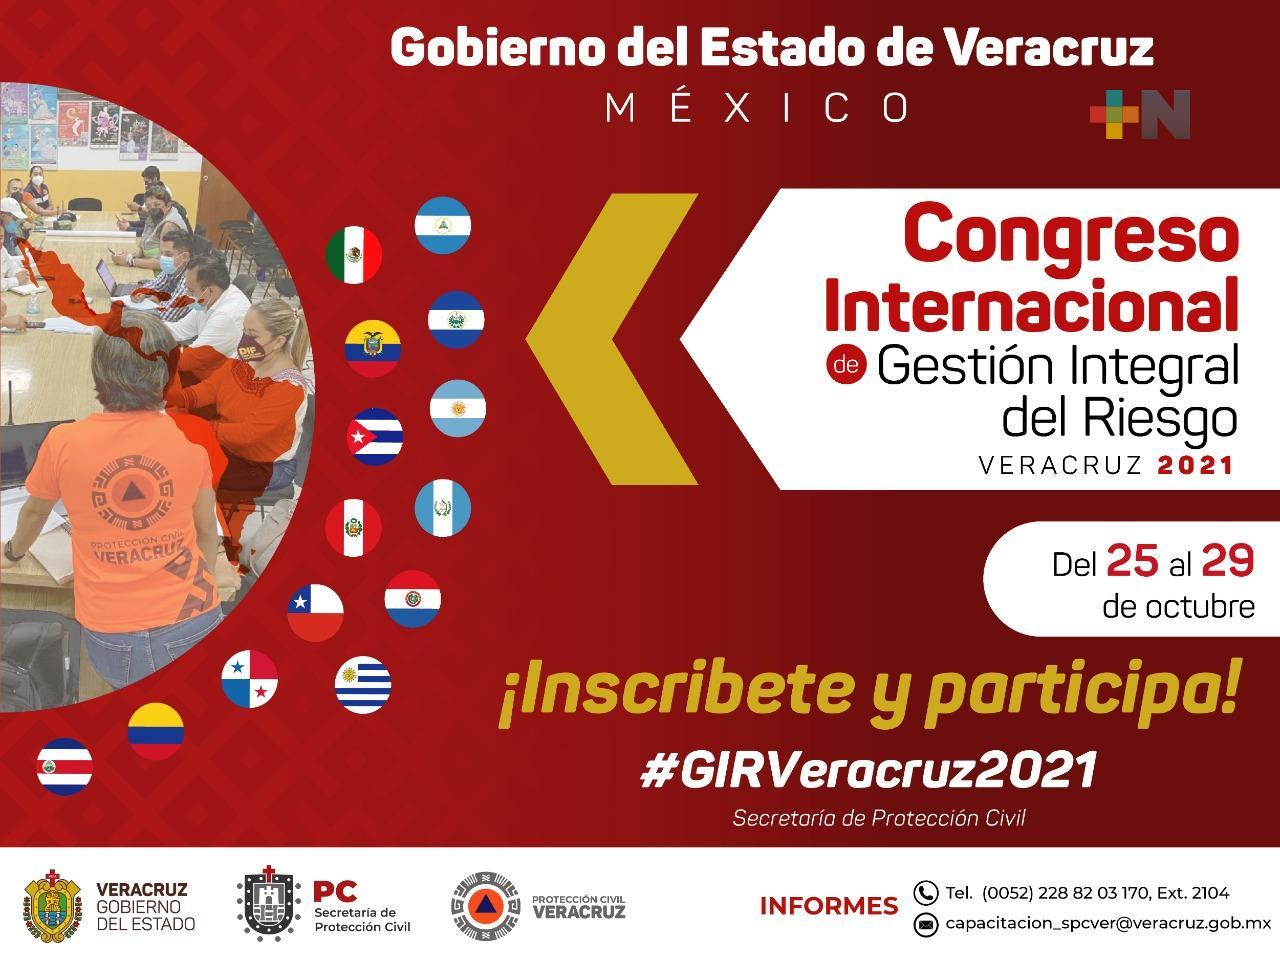 Veracruz sede del Congreso Internacional de Gestión Integral de Riesgo 2021